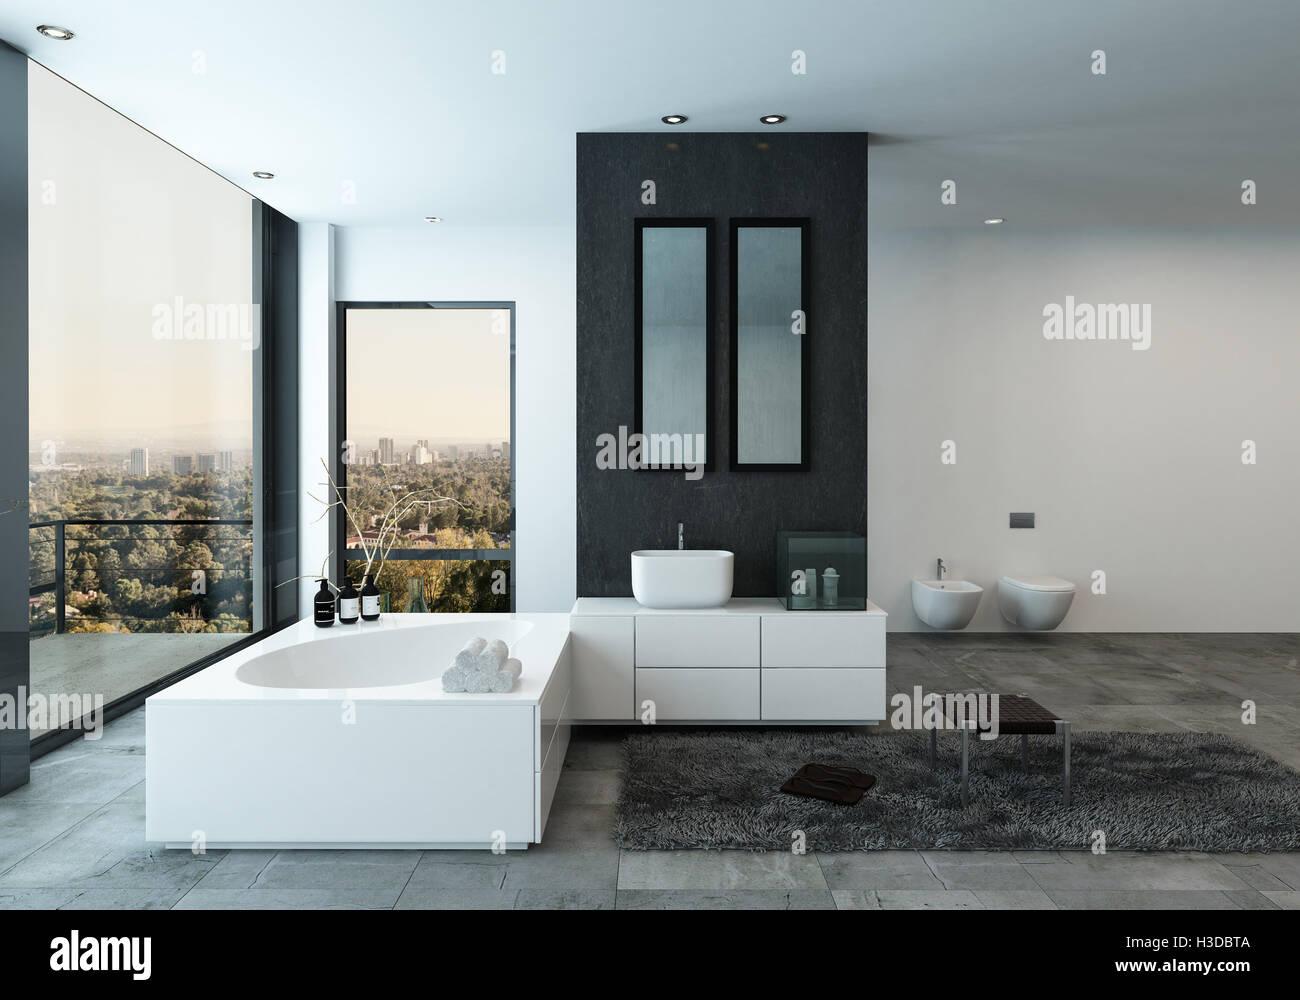 Vasca Da Bagno Vista : Moderno bagno interno con vasca da bagno elegante e vista sulla